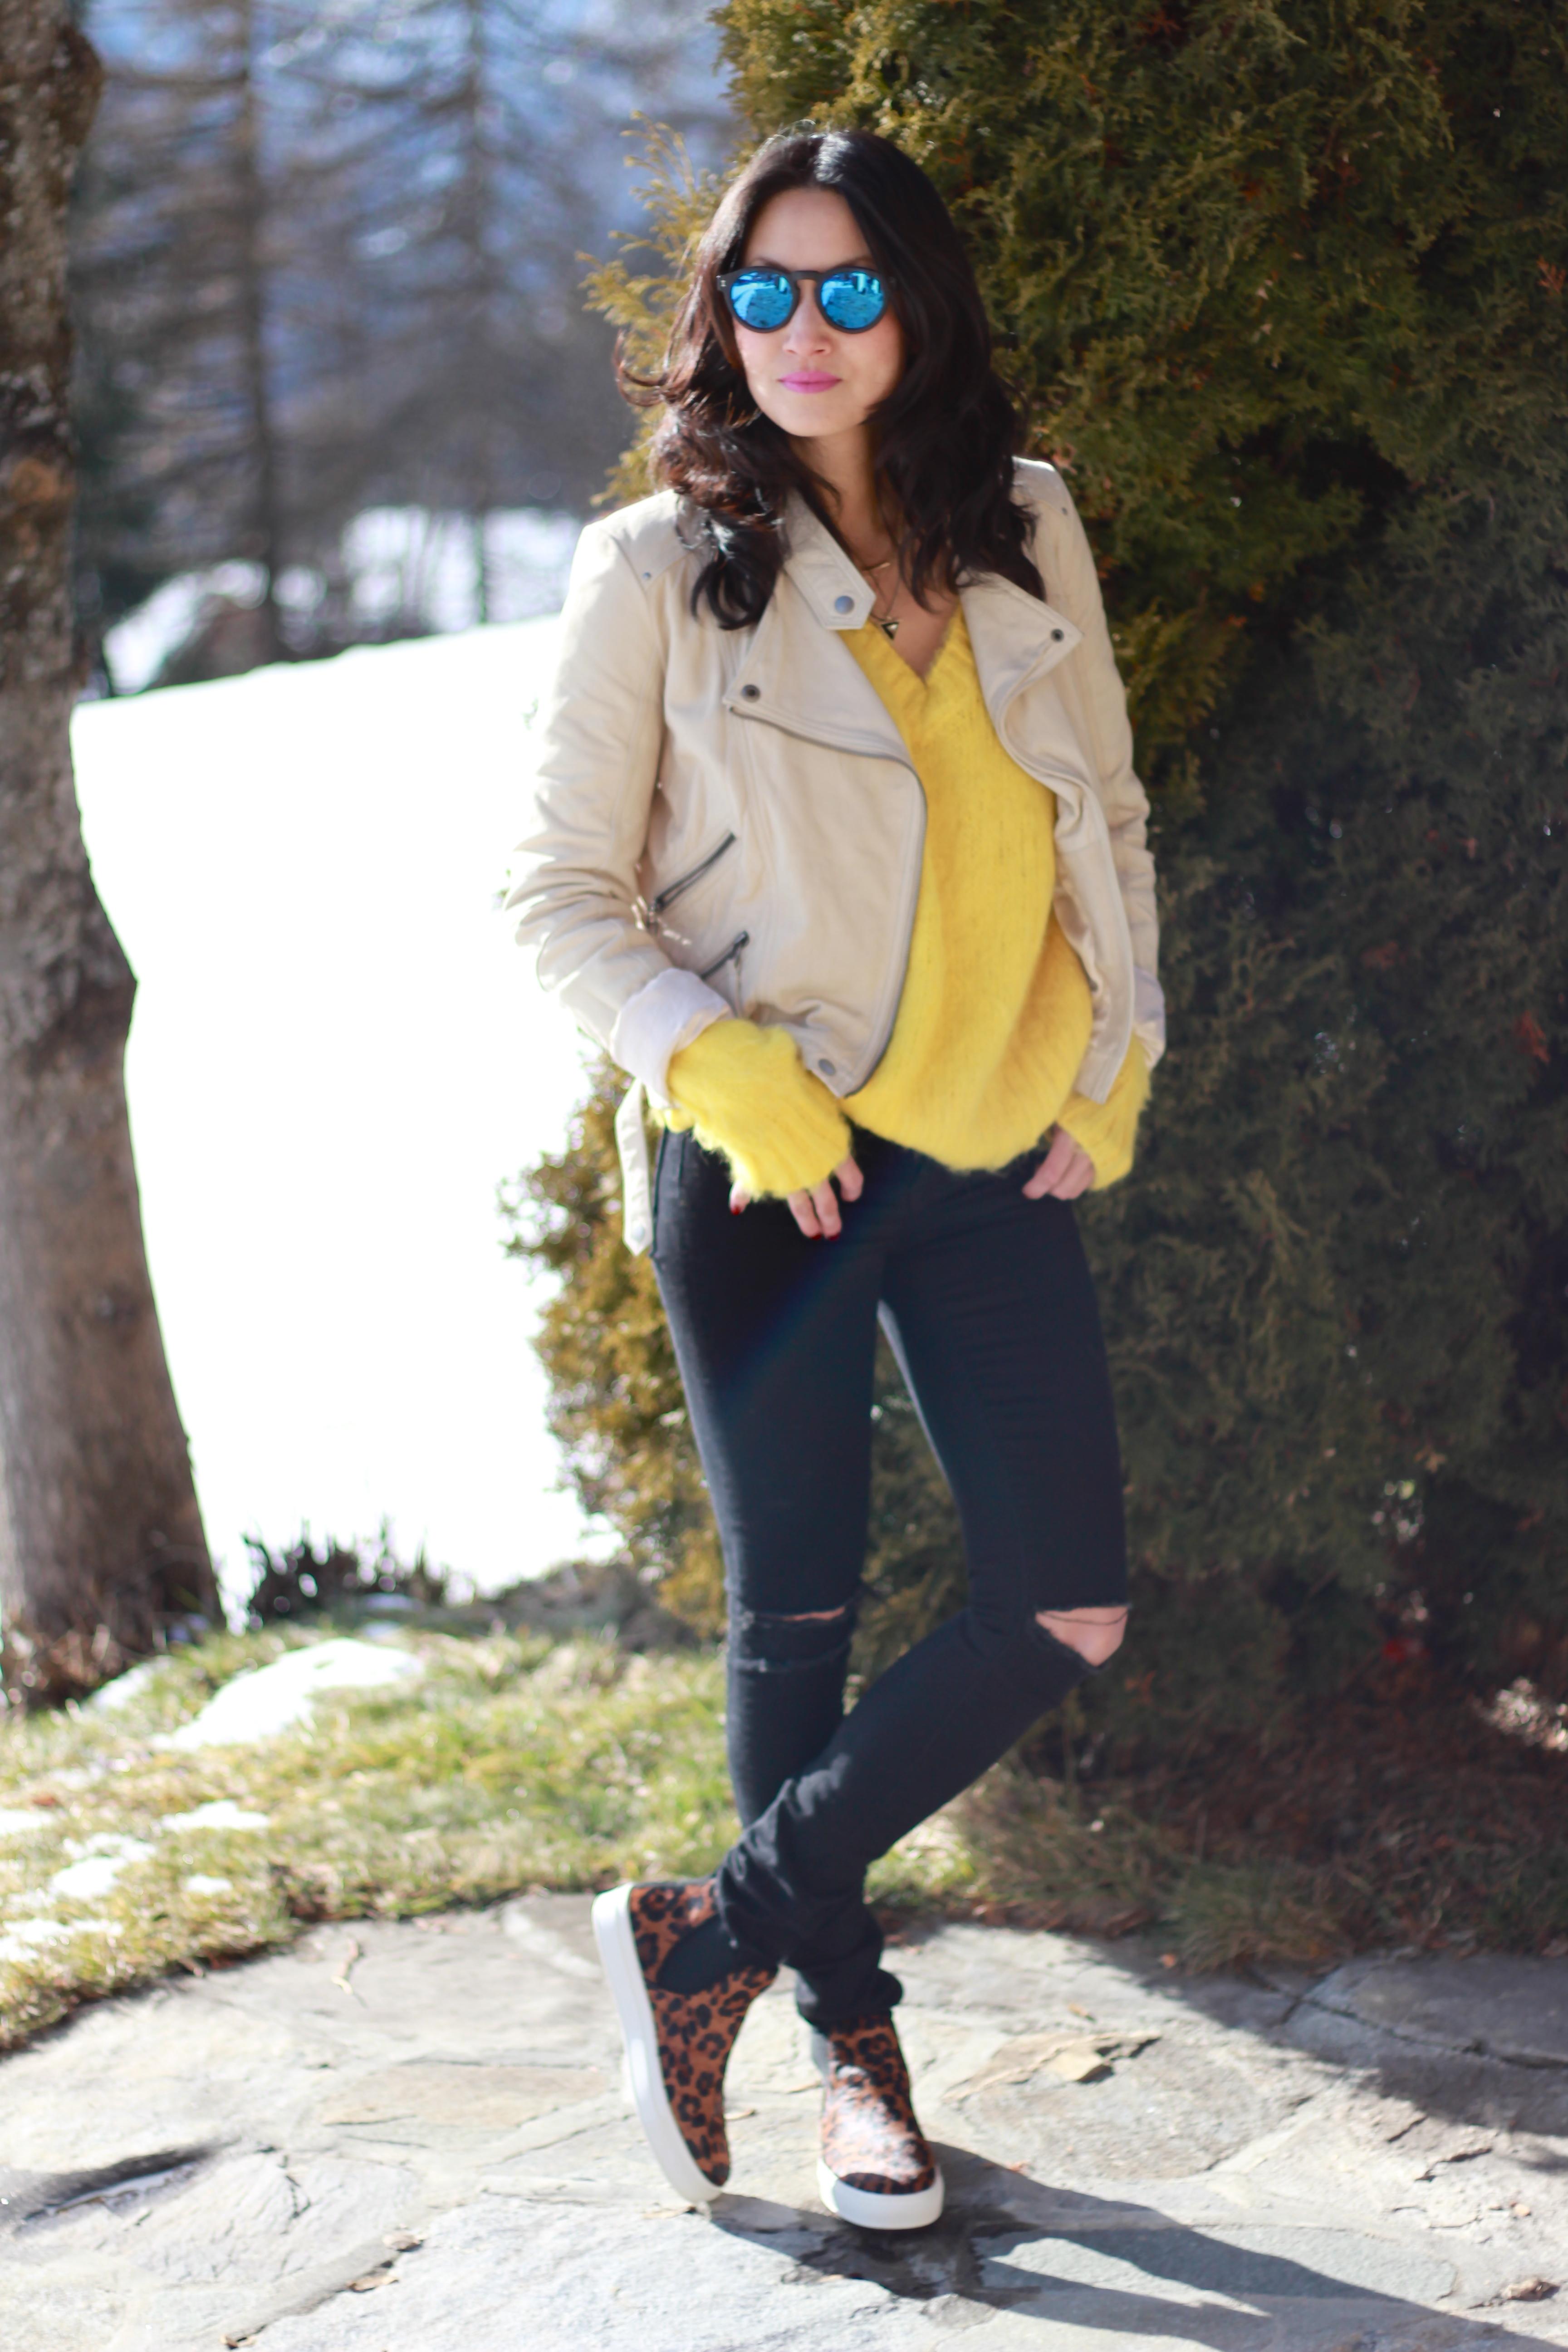 Women's Beige Leather Biker Jacket, Yellow Knit Oversized Sweater ...